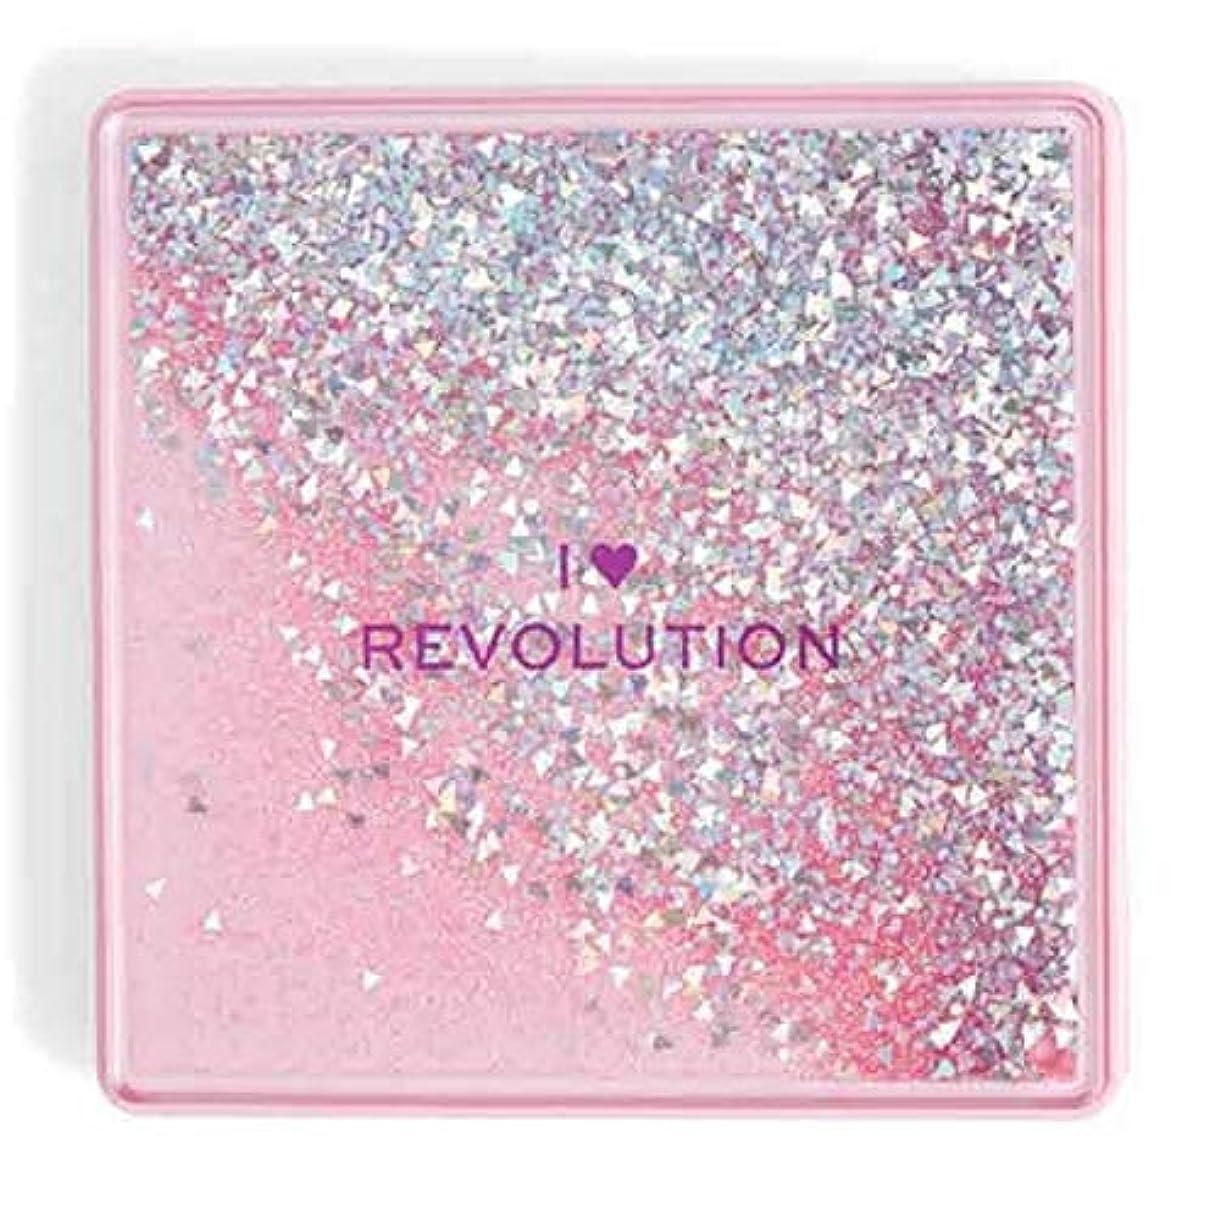 直面する規模マーカー[I Heart Revolution ] 私の心の革命1つの真の愛 - I Heart Revolution One True Love [並行輸入品]